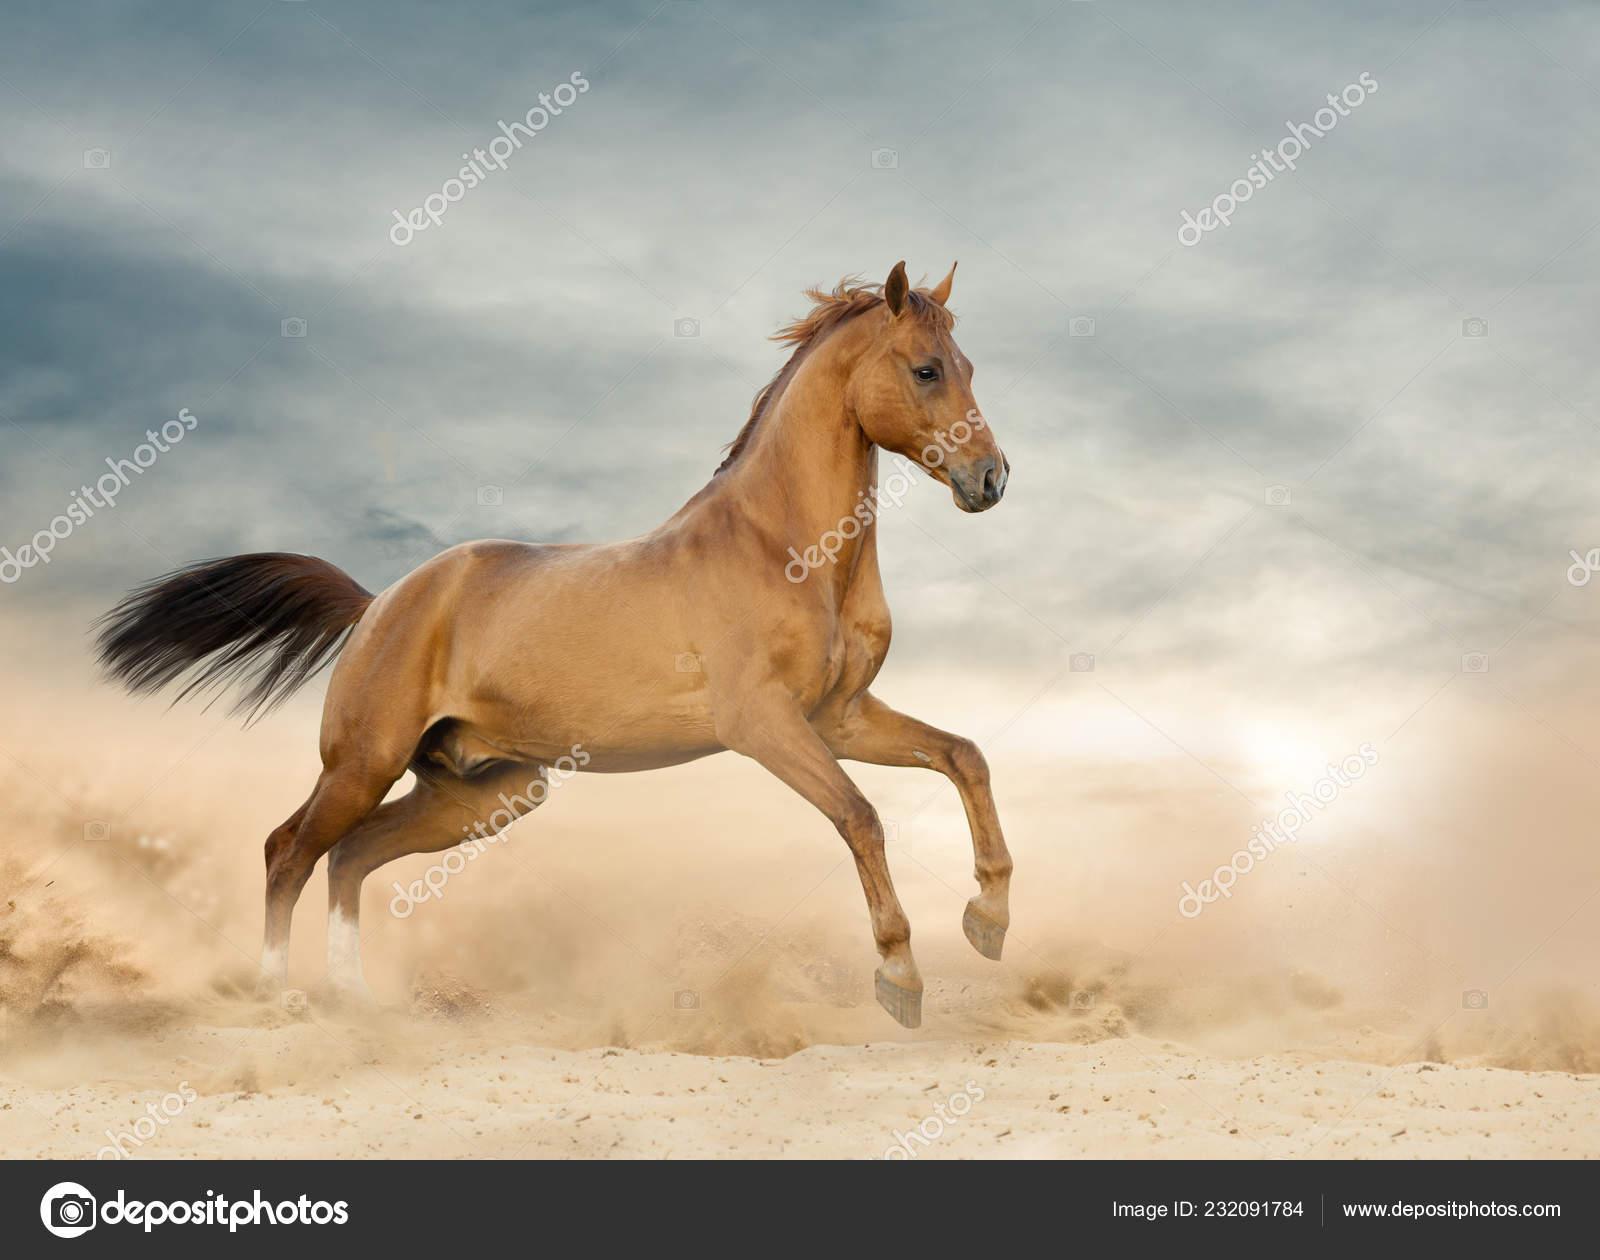 Beautiful Wild Stallion Running On A Wild Stock Photo C Mari Art 232091784